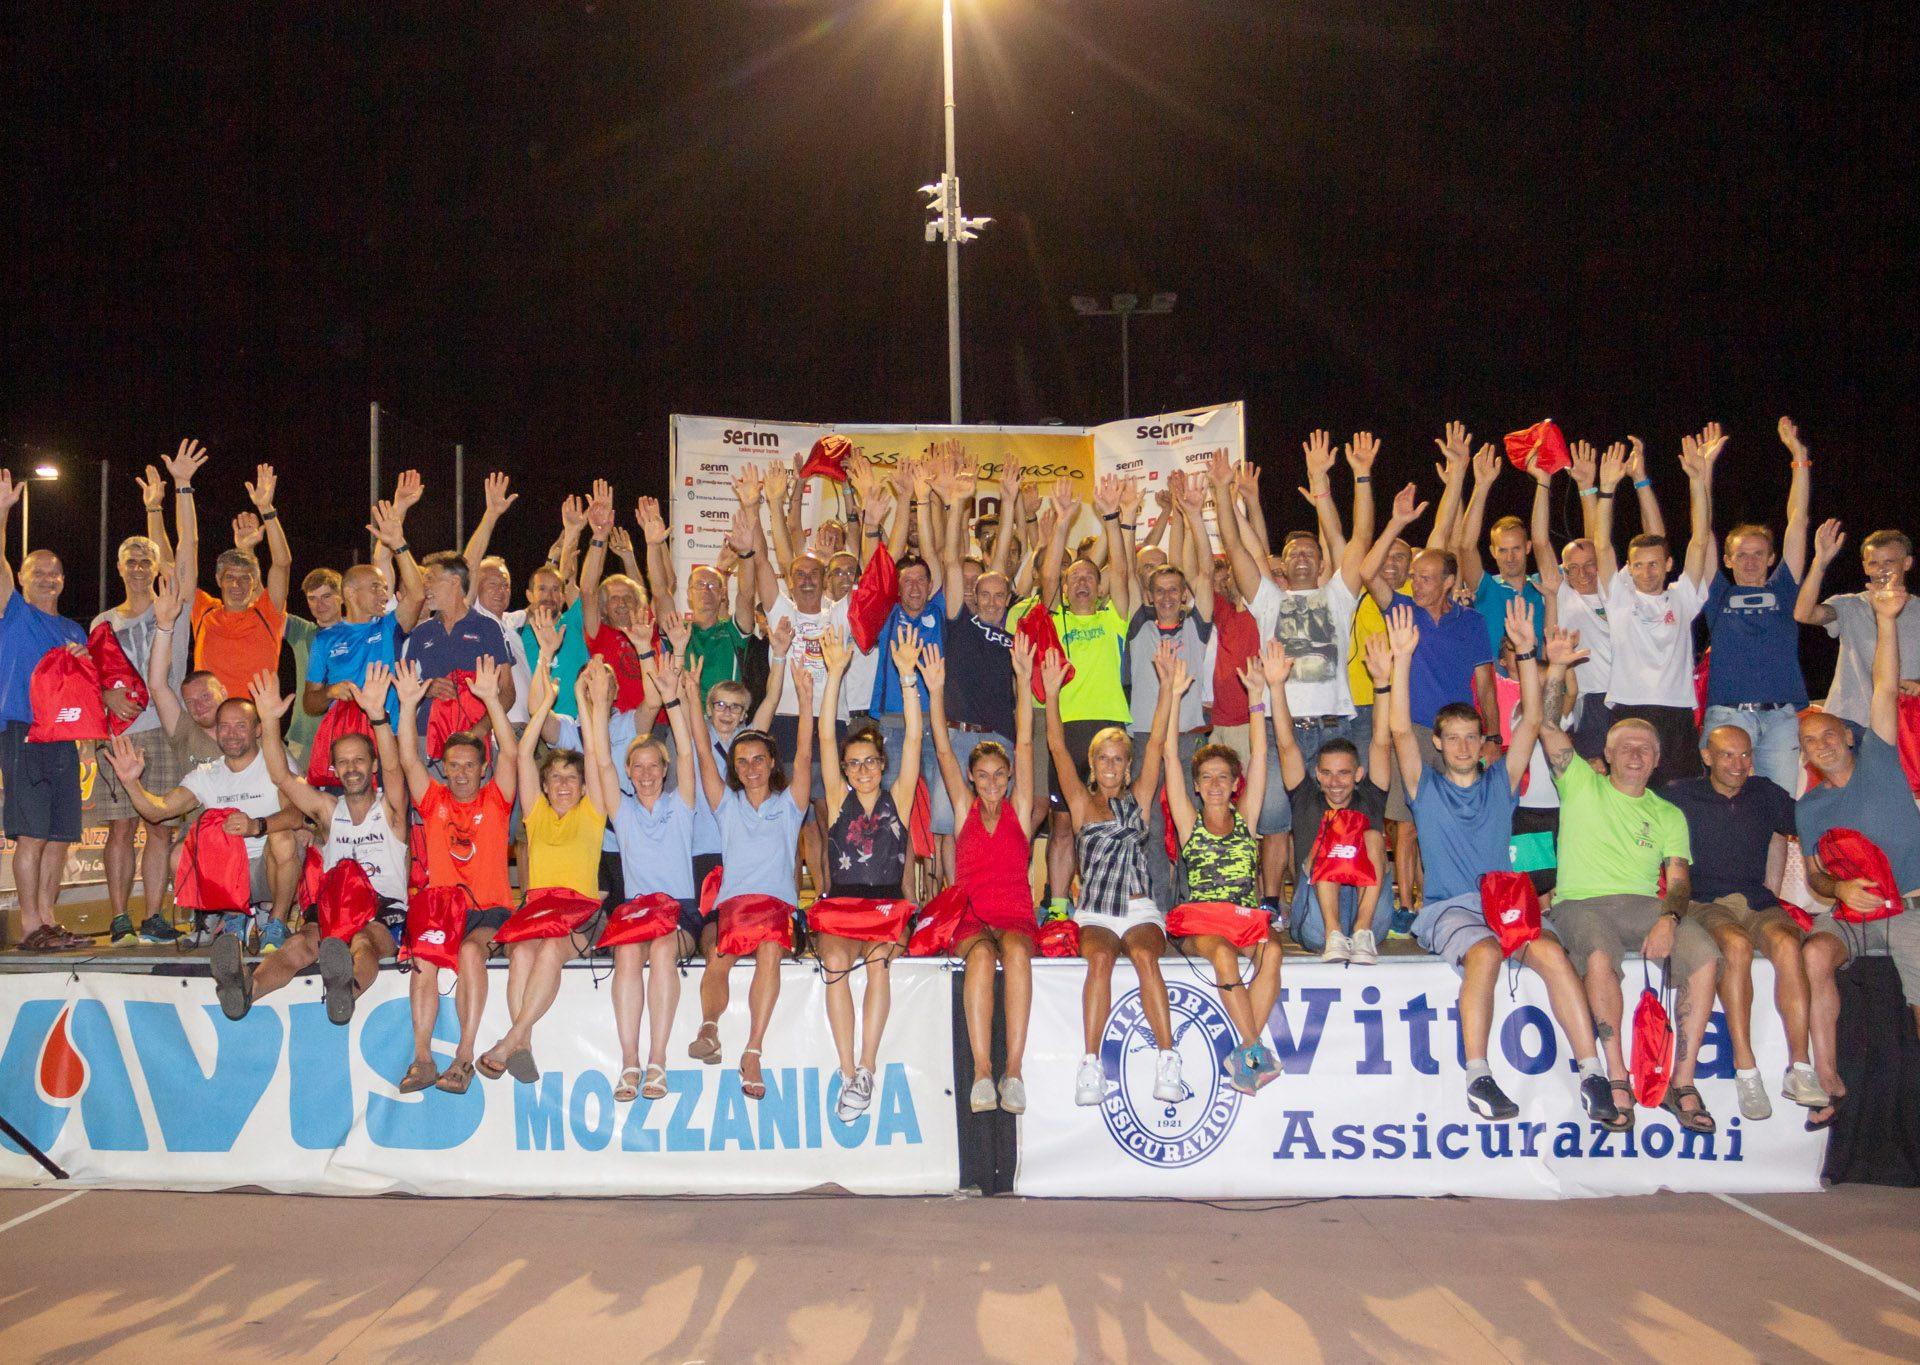 Carrara e Manenti vincono il Fosso 2019: ecco tutti i premiati del Criterium